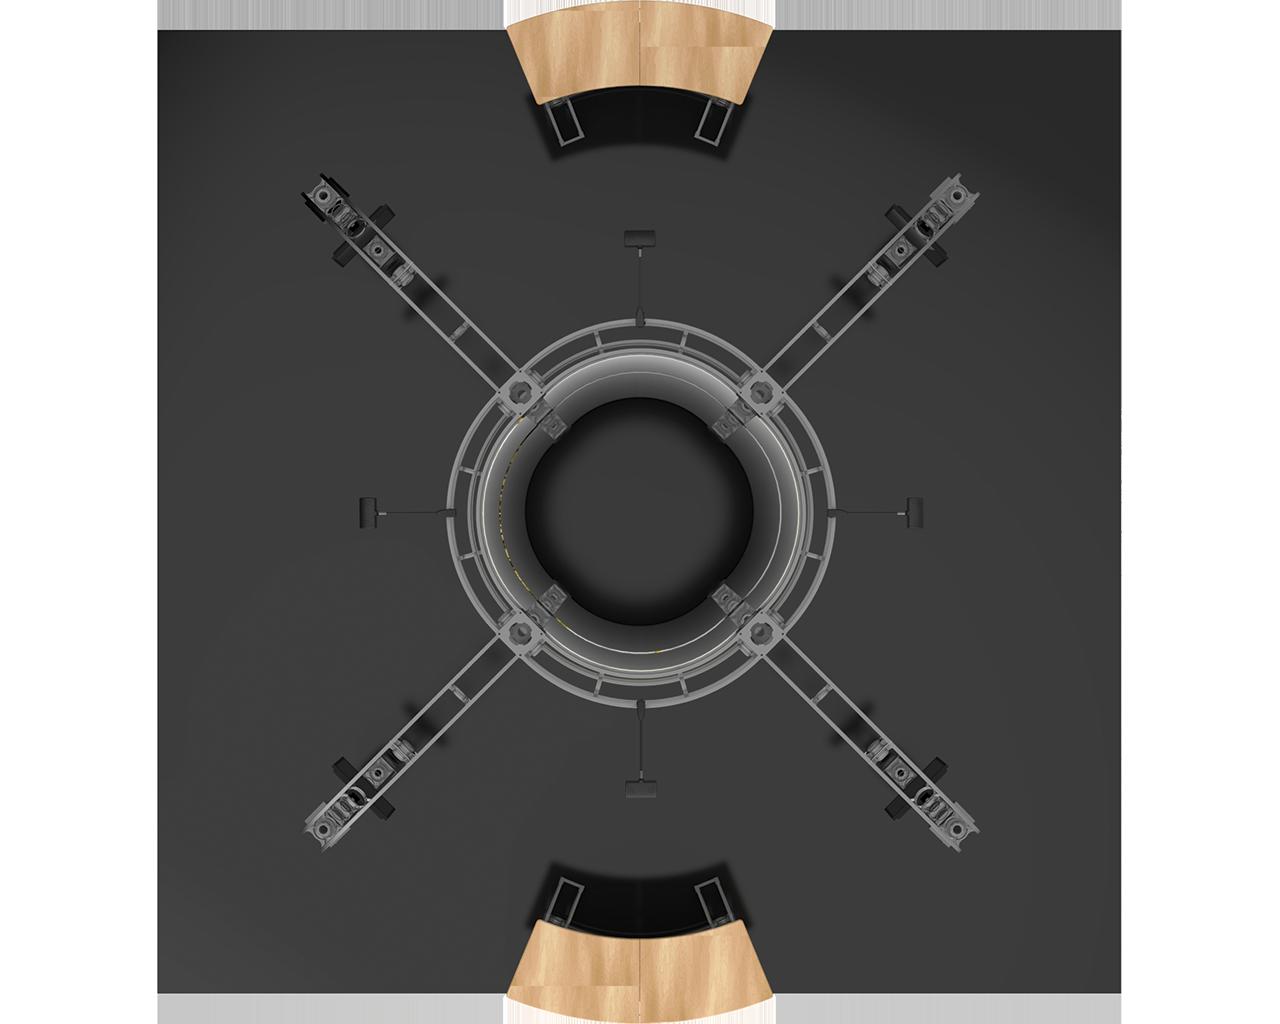 Vesta 20 x 20 Orbital Truss